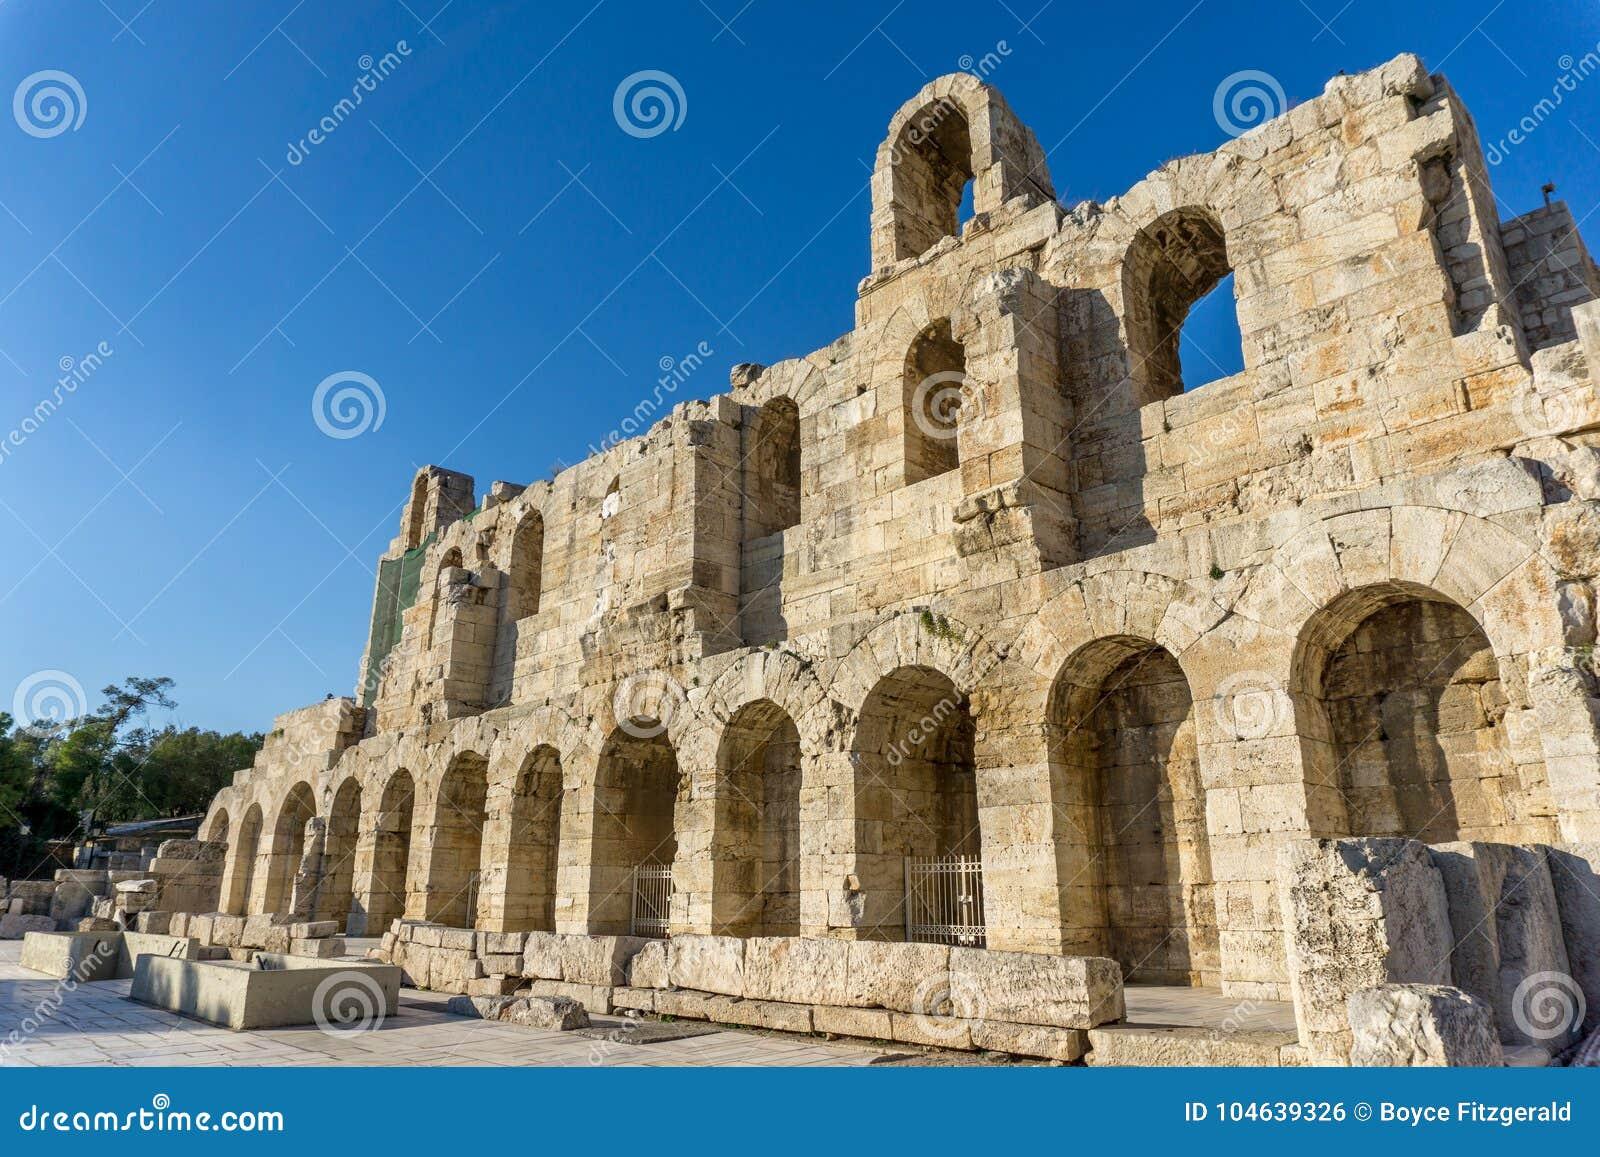 Download Het Theater Van Herod Atticus, In Athene, De Hoofdstad Van Griekenland Stock Foto - Afbeelding bestaande uit archeologie, klassiek: 104639326